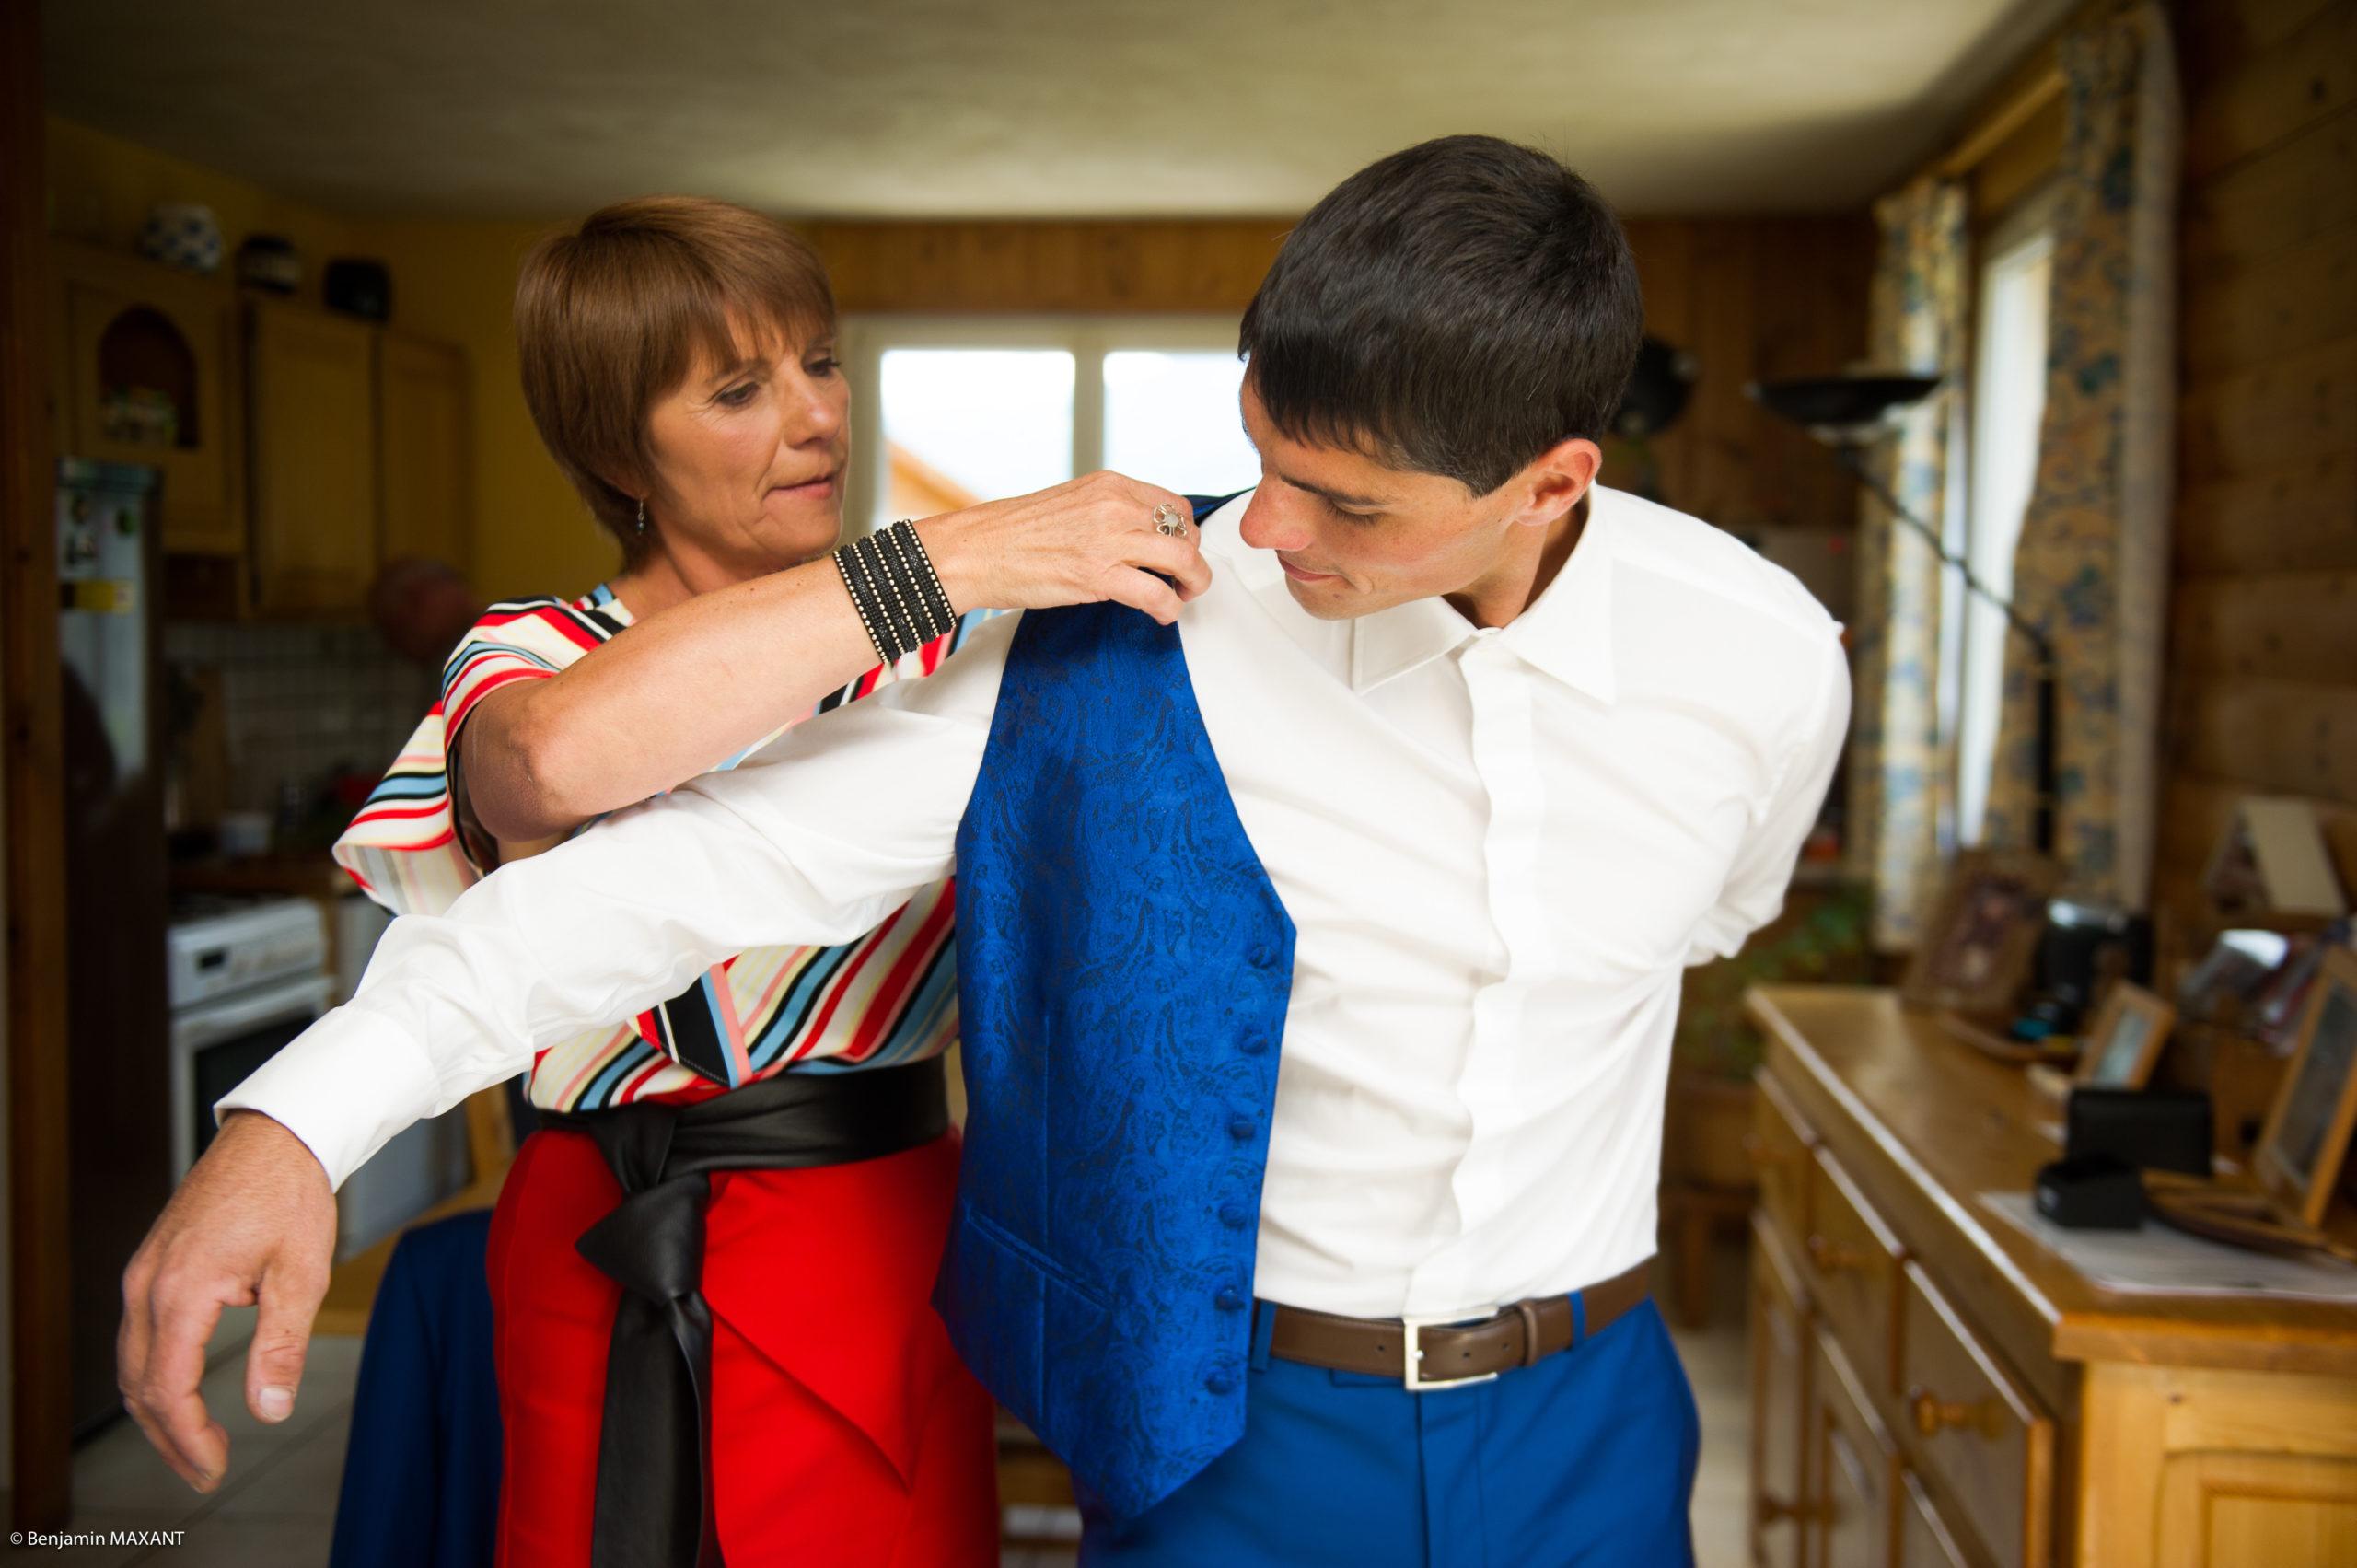 La péparation de Romain le marié - aidé par sa mère